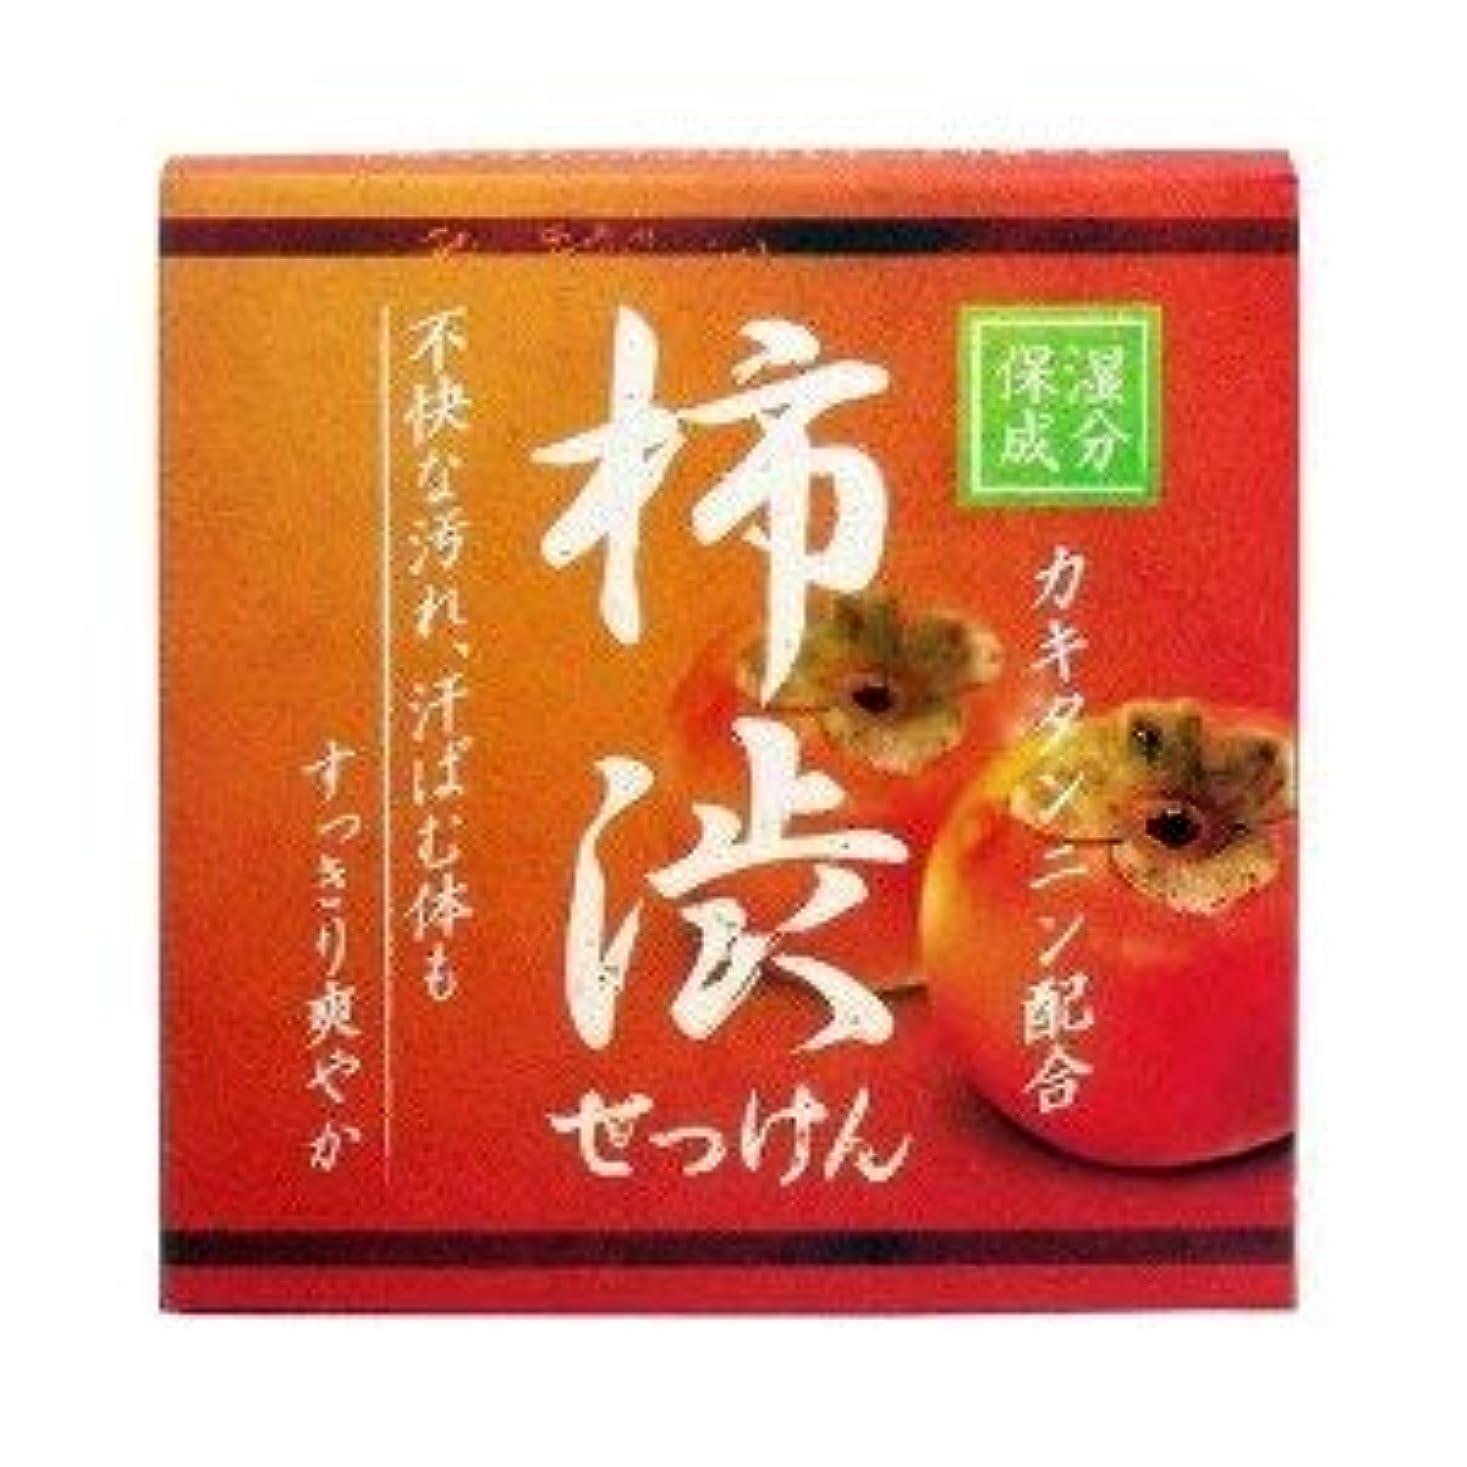 人事暴君いっぱい柿渋配合せっけん カキタンニン配合保湿成分 80g×2 2個1セット 石鹸